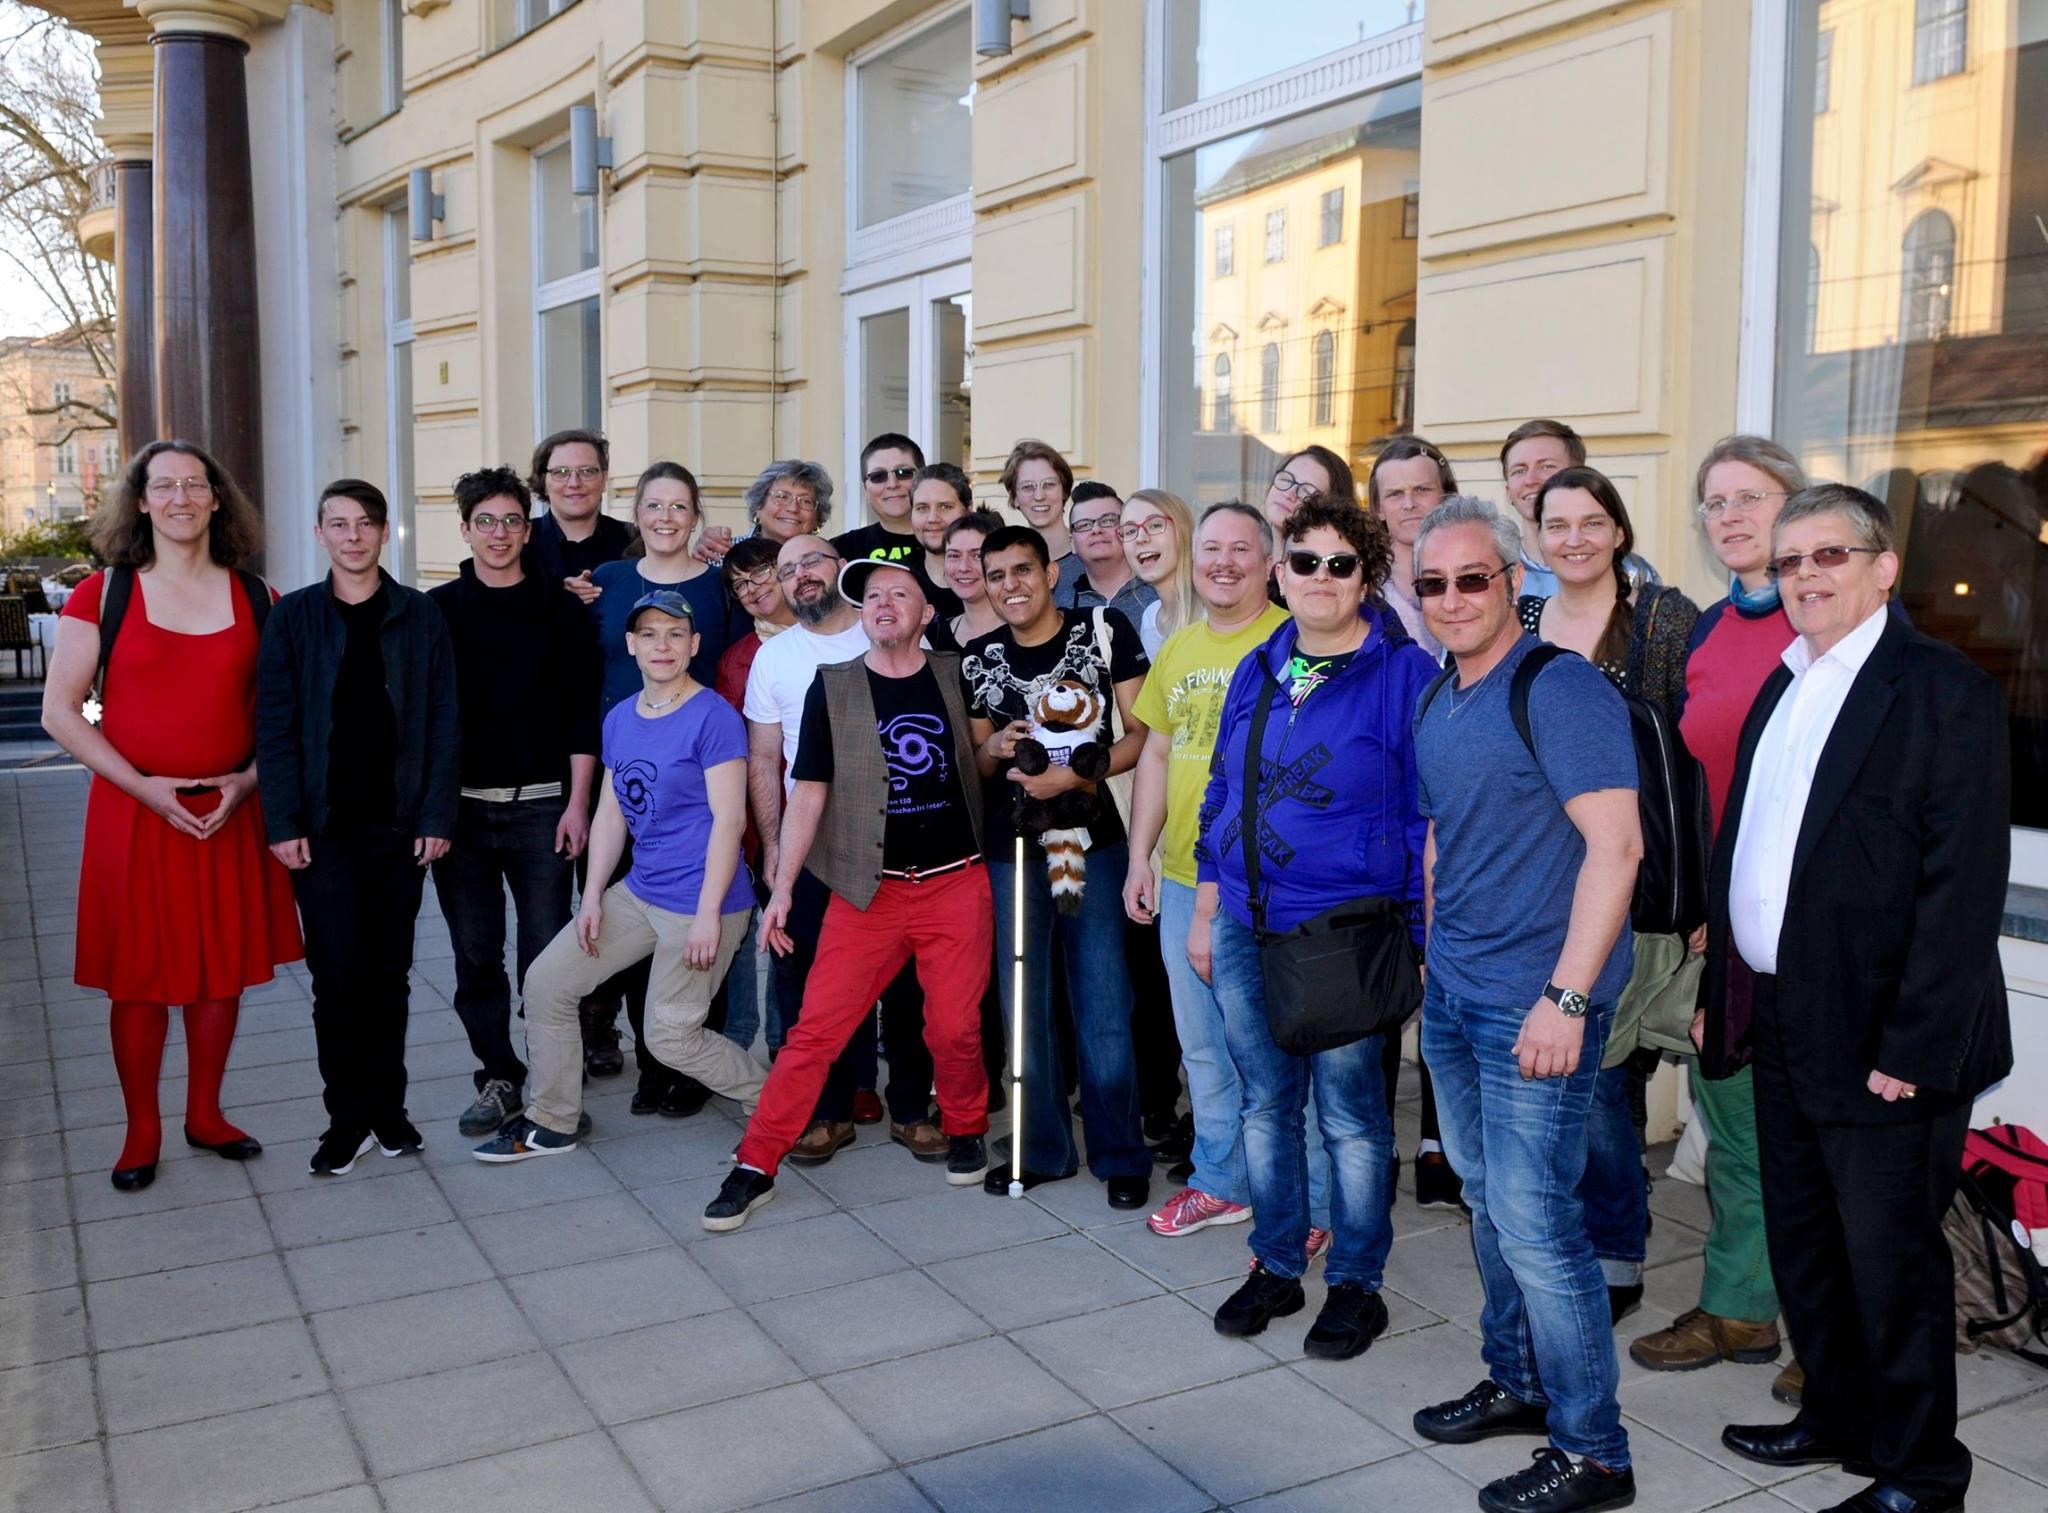 Attendees first European Intersex Community Event, Vienna 2017. Photographer unknown.